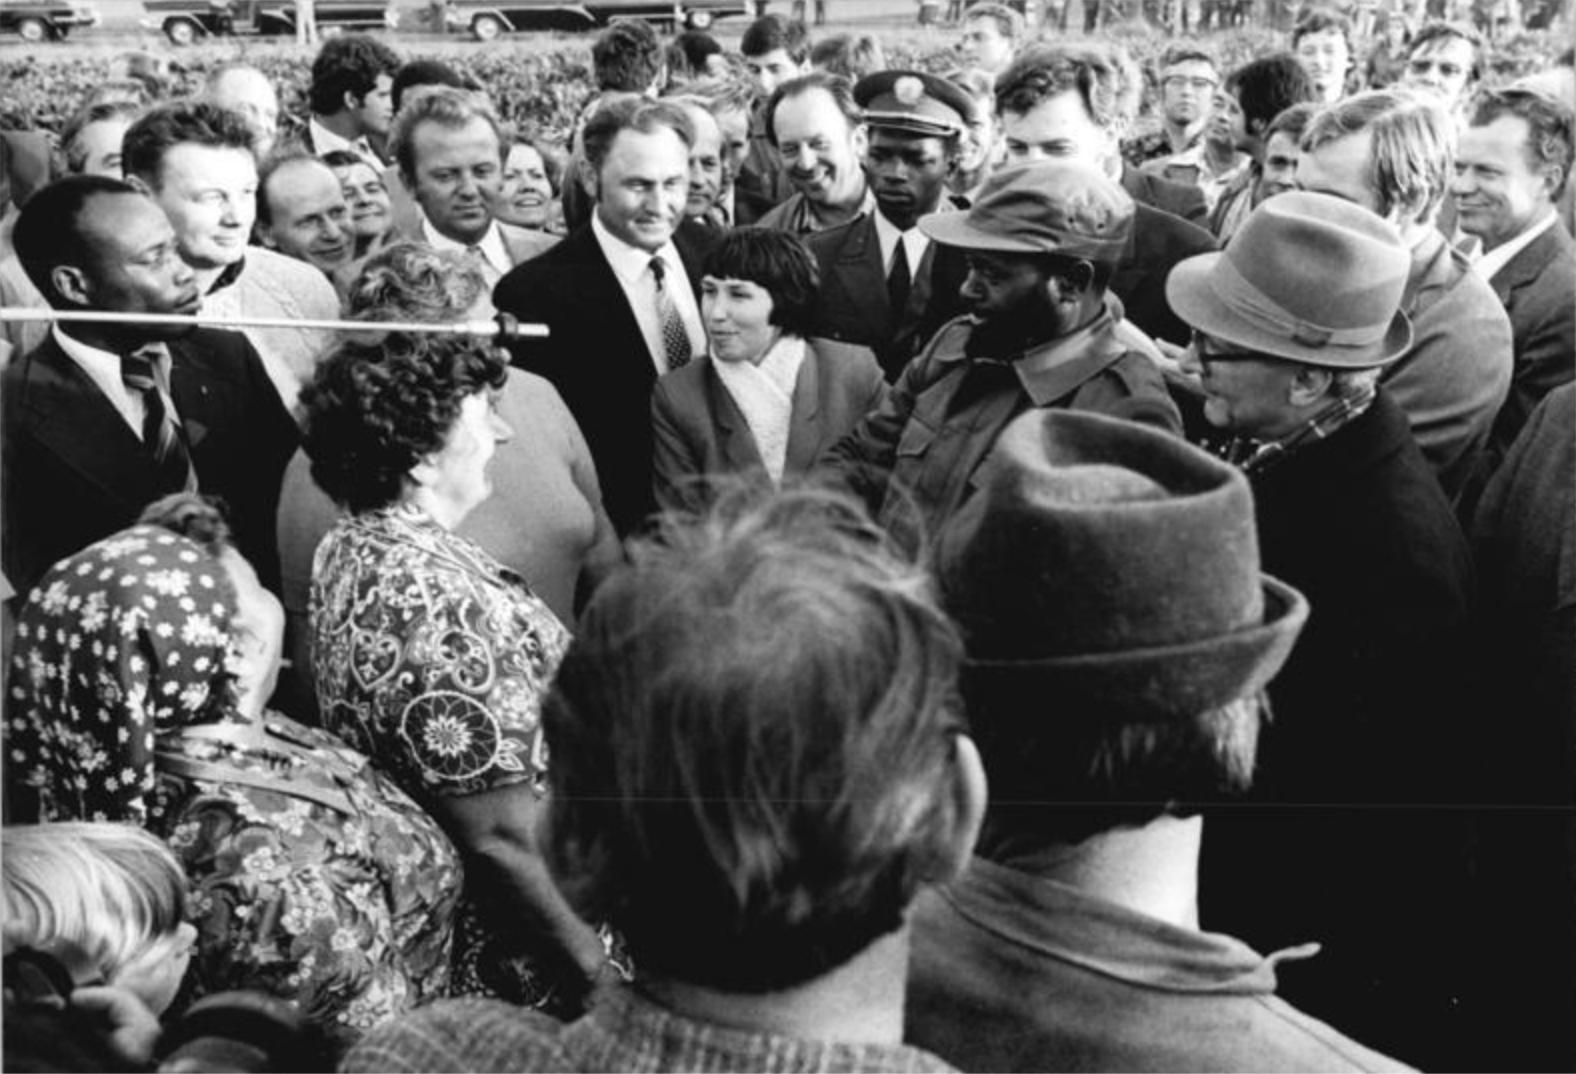 Samora Machel heimsækir þýska Alþýðuveldið árið 1980. Hann sést hér ásamt Erich Honecker.